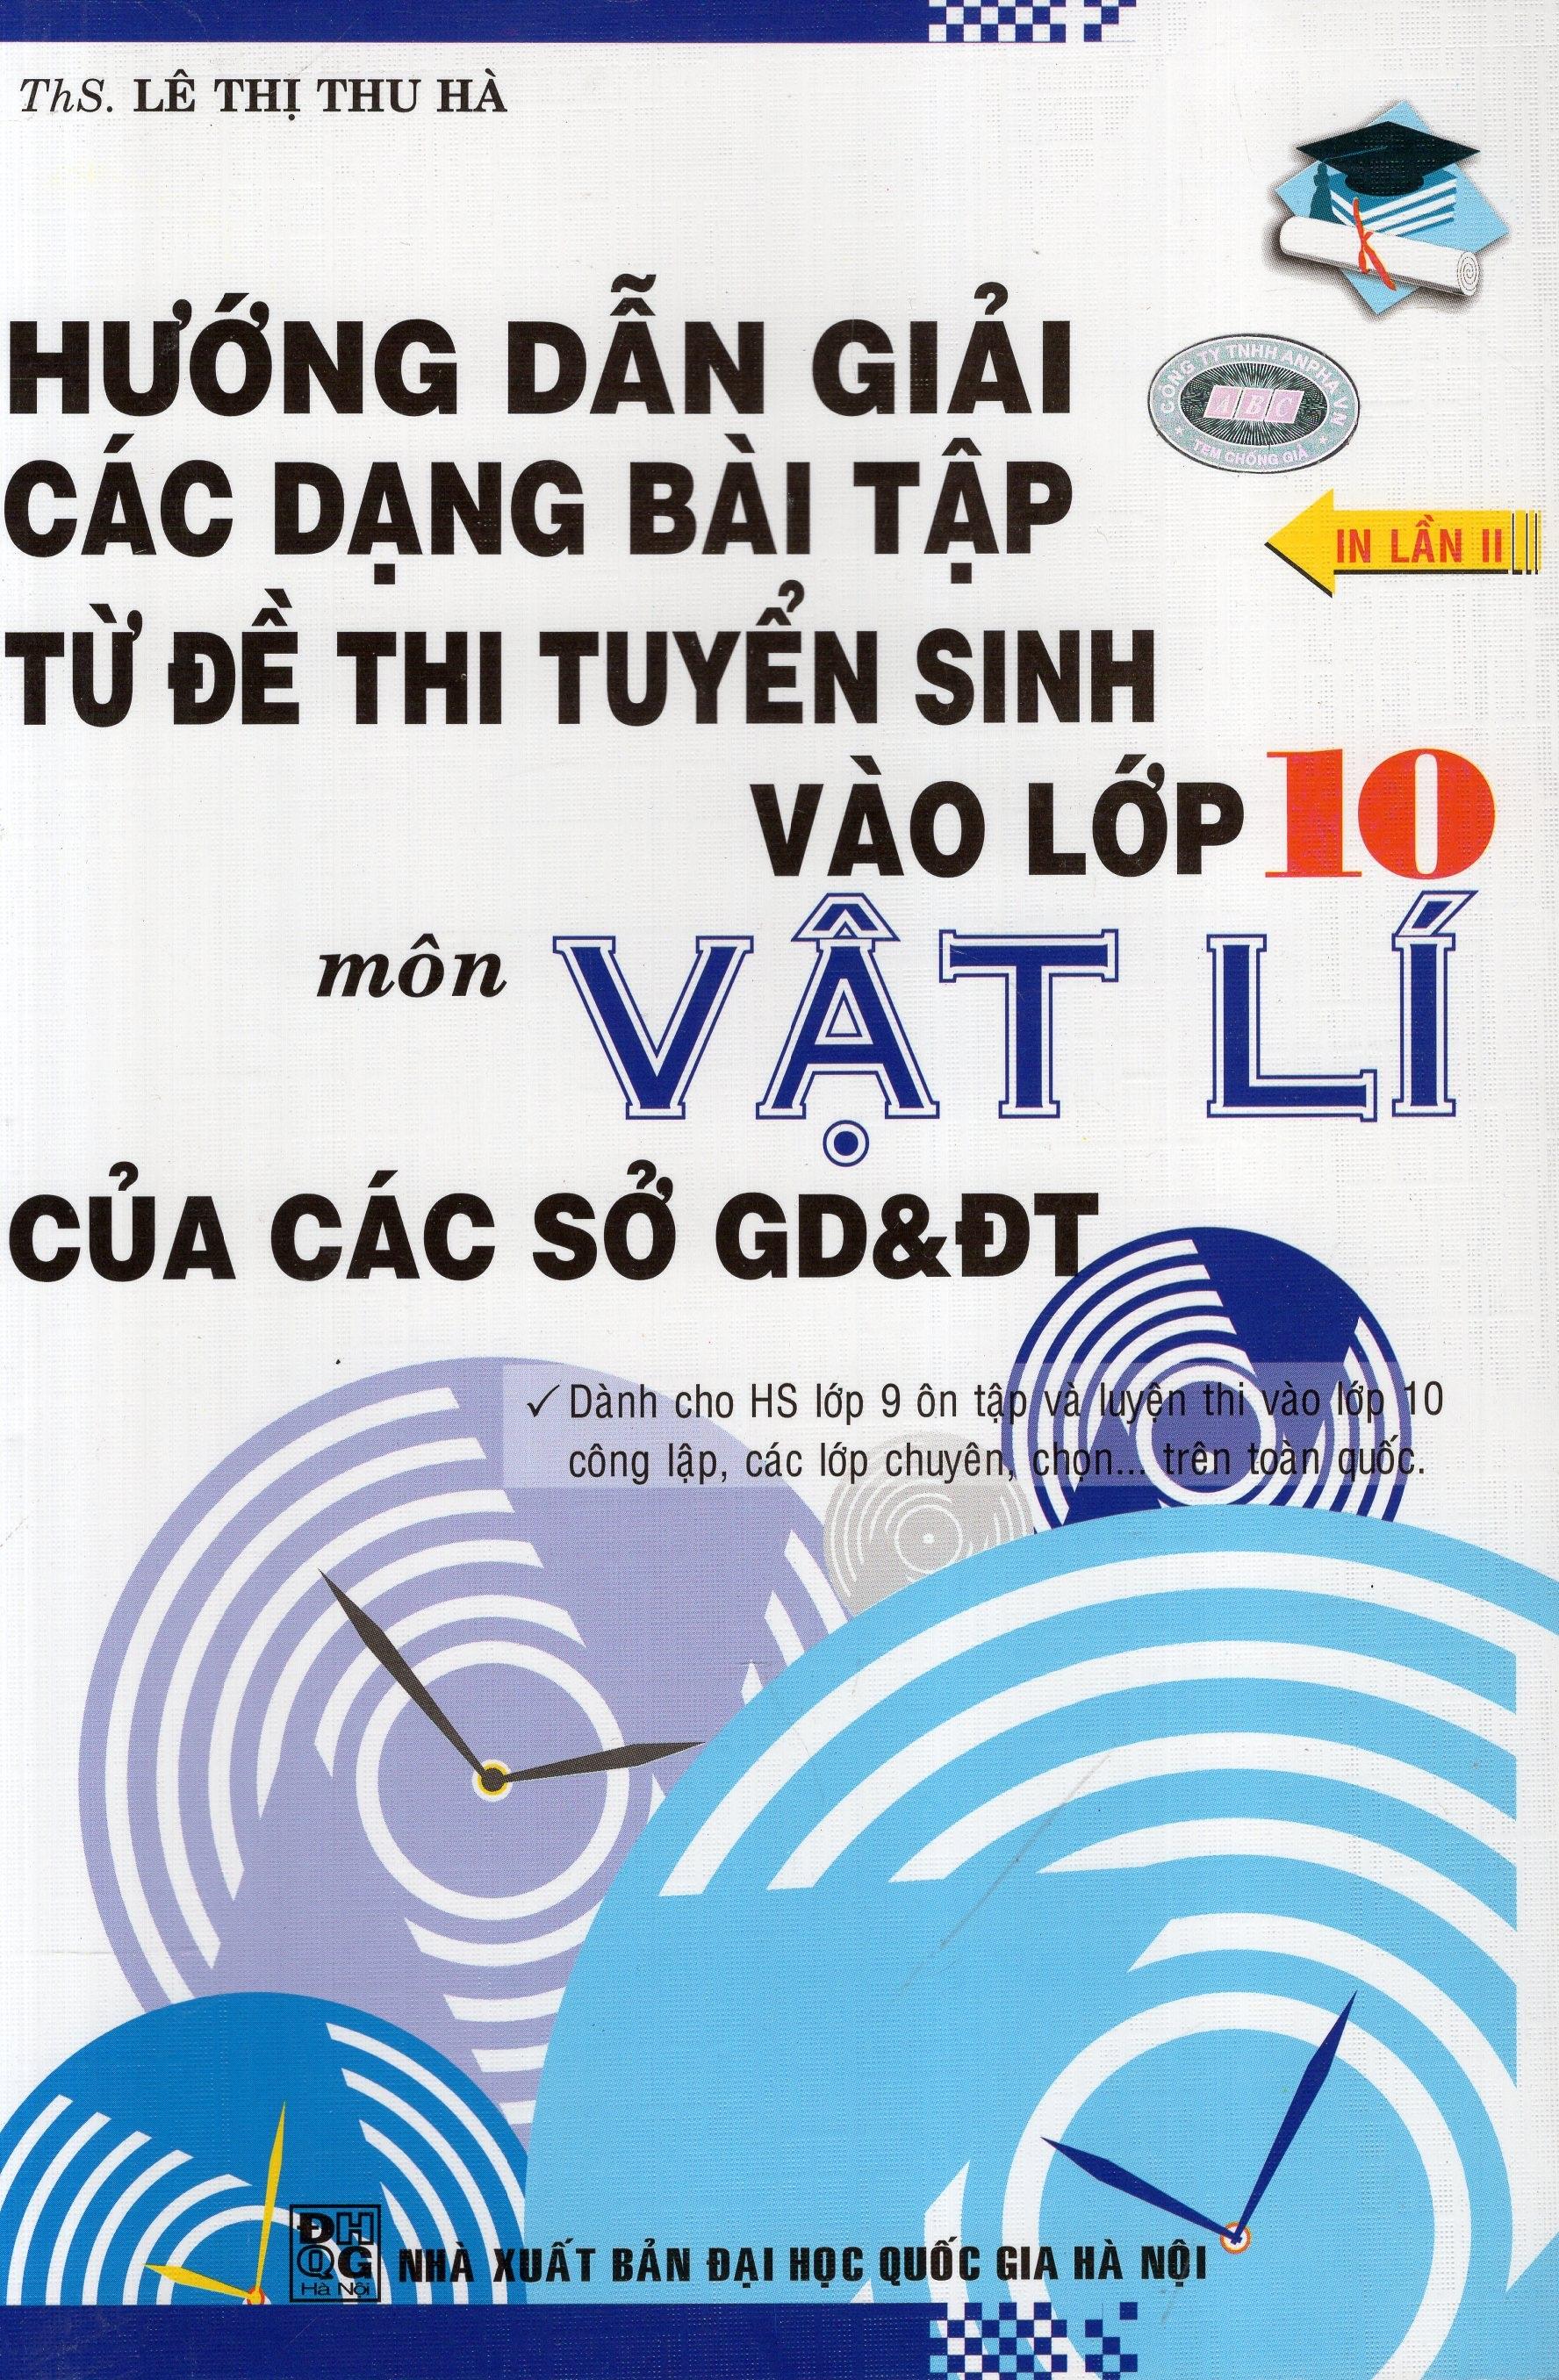 Hướng Dẫn Giải Các Dạng Bài Tập Thi Tuyển Sinh Vào Lớp 10 Môn Vật Lý - 8936039379393,62_208363,51000,tiki.vn,Huong-Dan-Giai-Cac-Dang-Bai-Tap-Thi-Tuyen-Sinh-Vao-Lop-10-Mon-Vat-Ly-62_208363,Hướng Dẫn Giải Các Dạng Bài Tập Thi Tuyển Sinh Vào Lớp 10 Môn Vật Lý